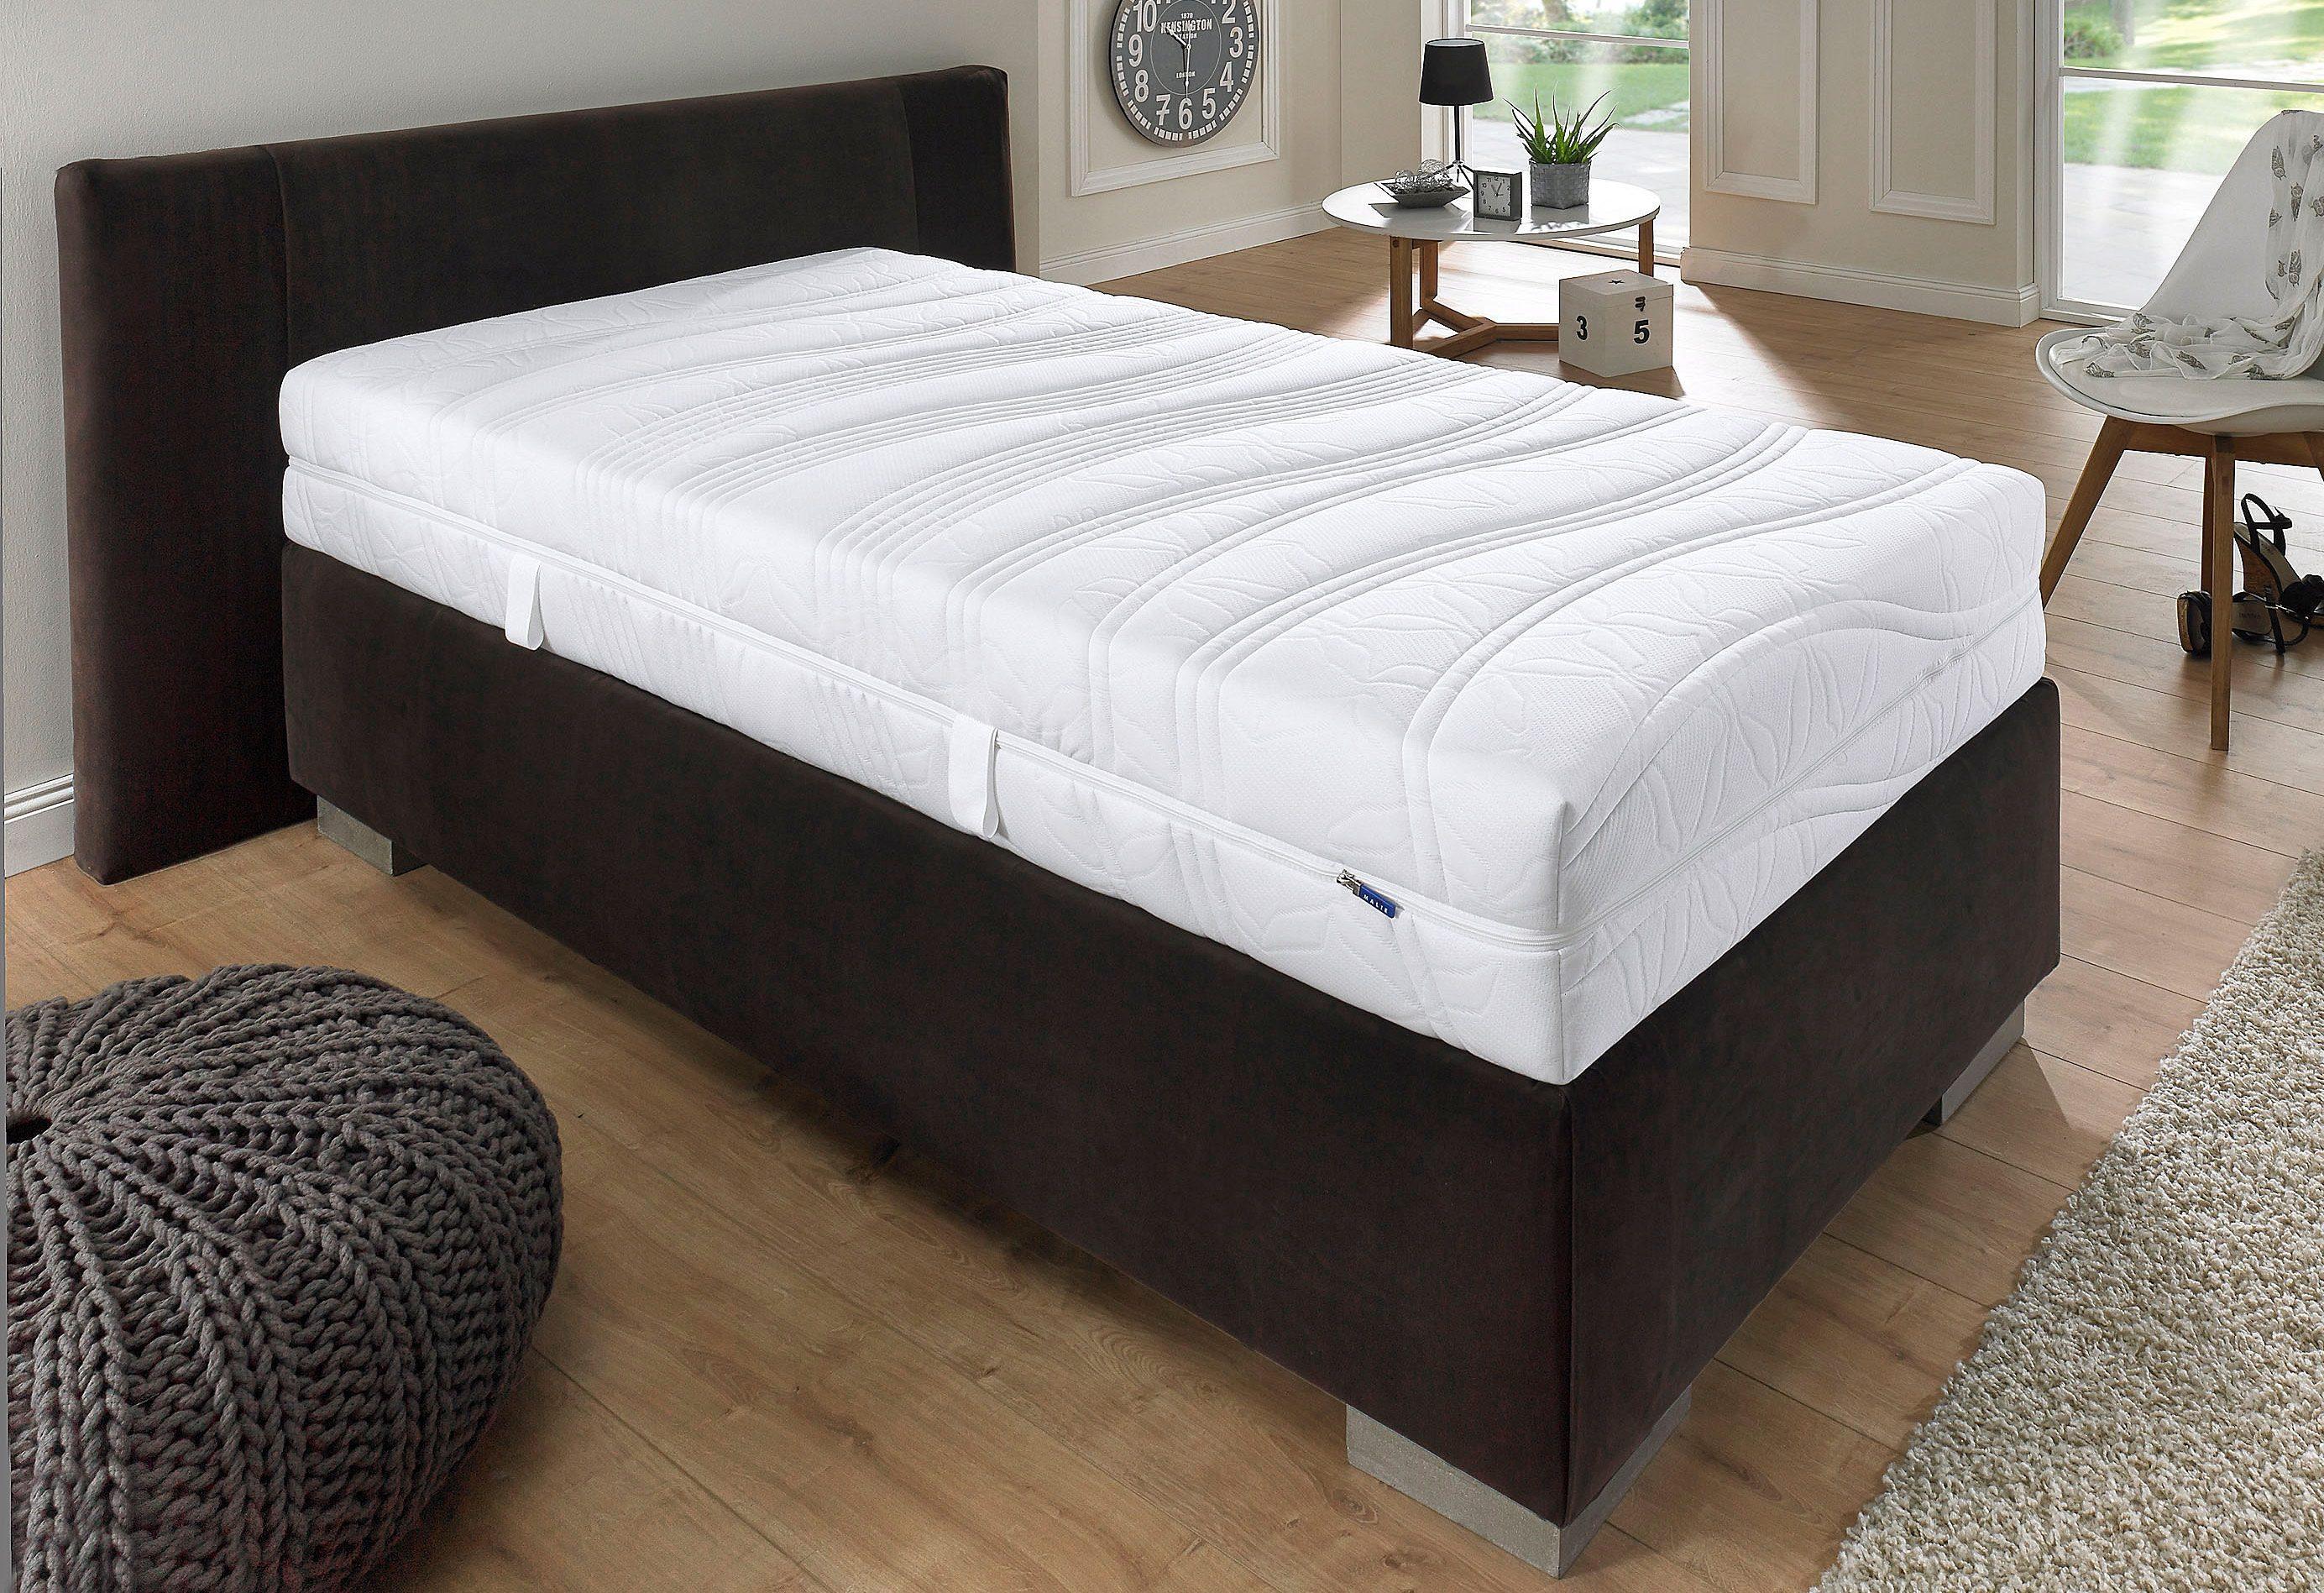 Gelschaummatratze »Gelax®-Comfortflex® First Class«, Malie, 24 cm hoch   Schlafzimmer > Matratzen > Gelmatratzen   MALIE